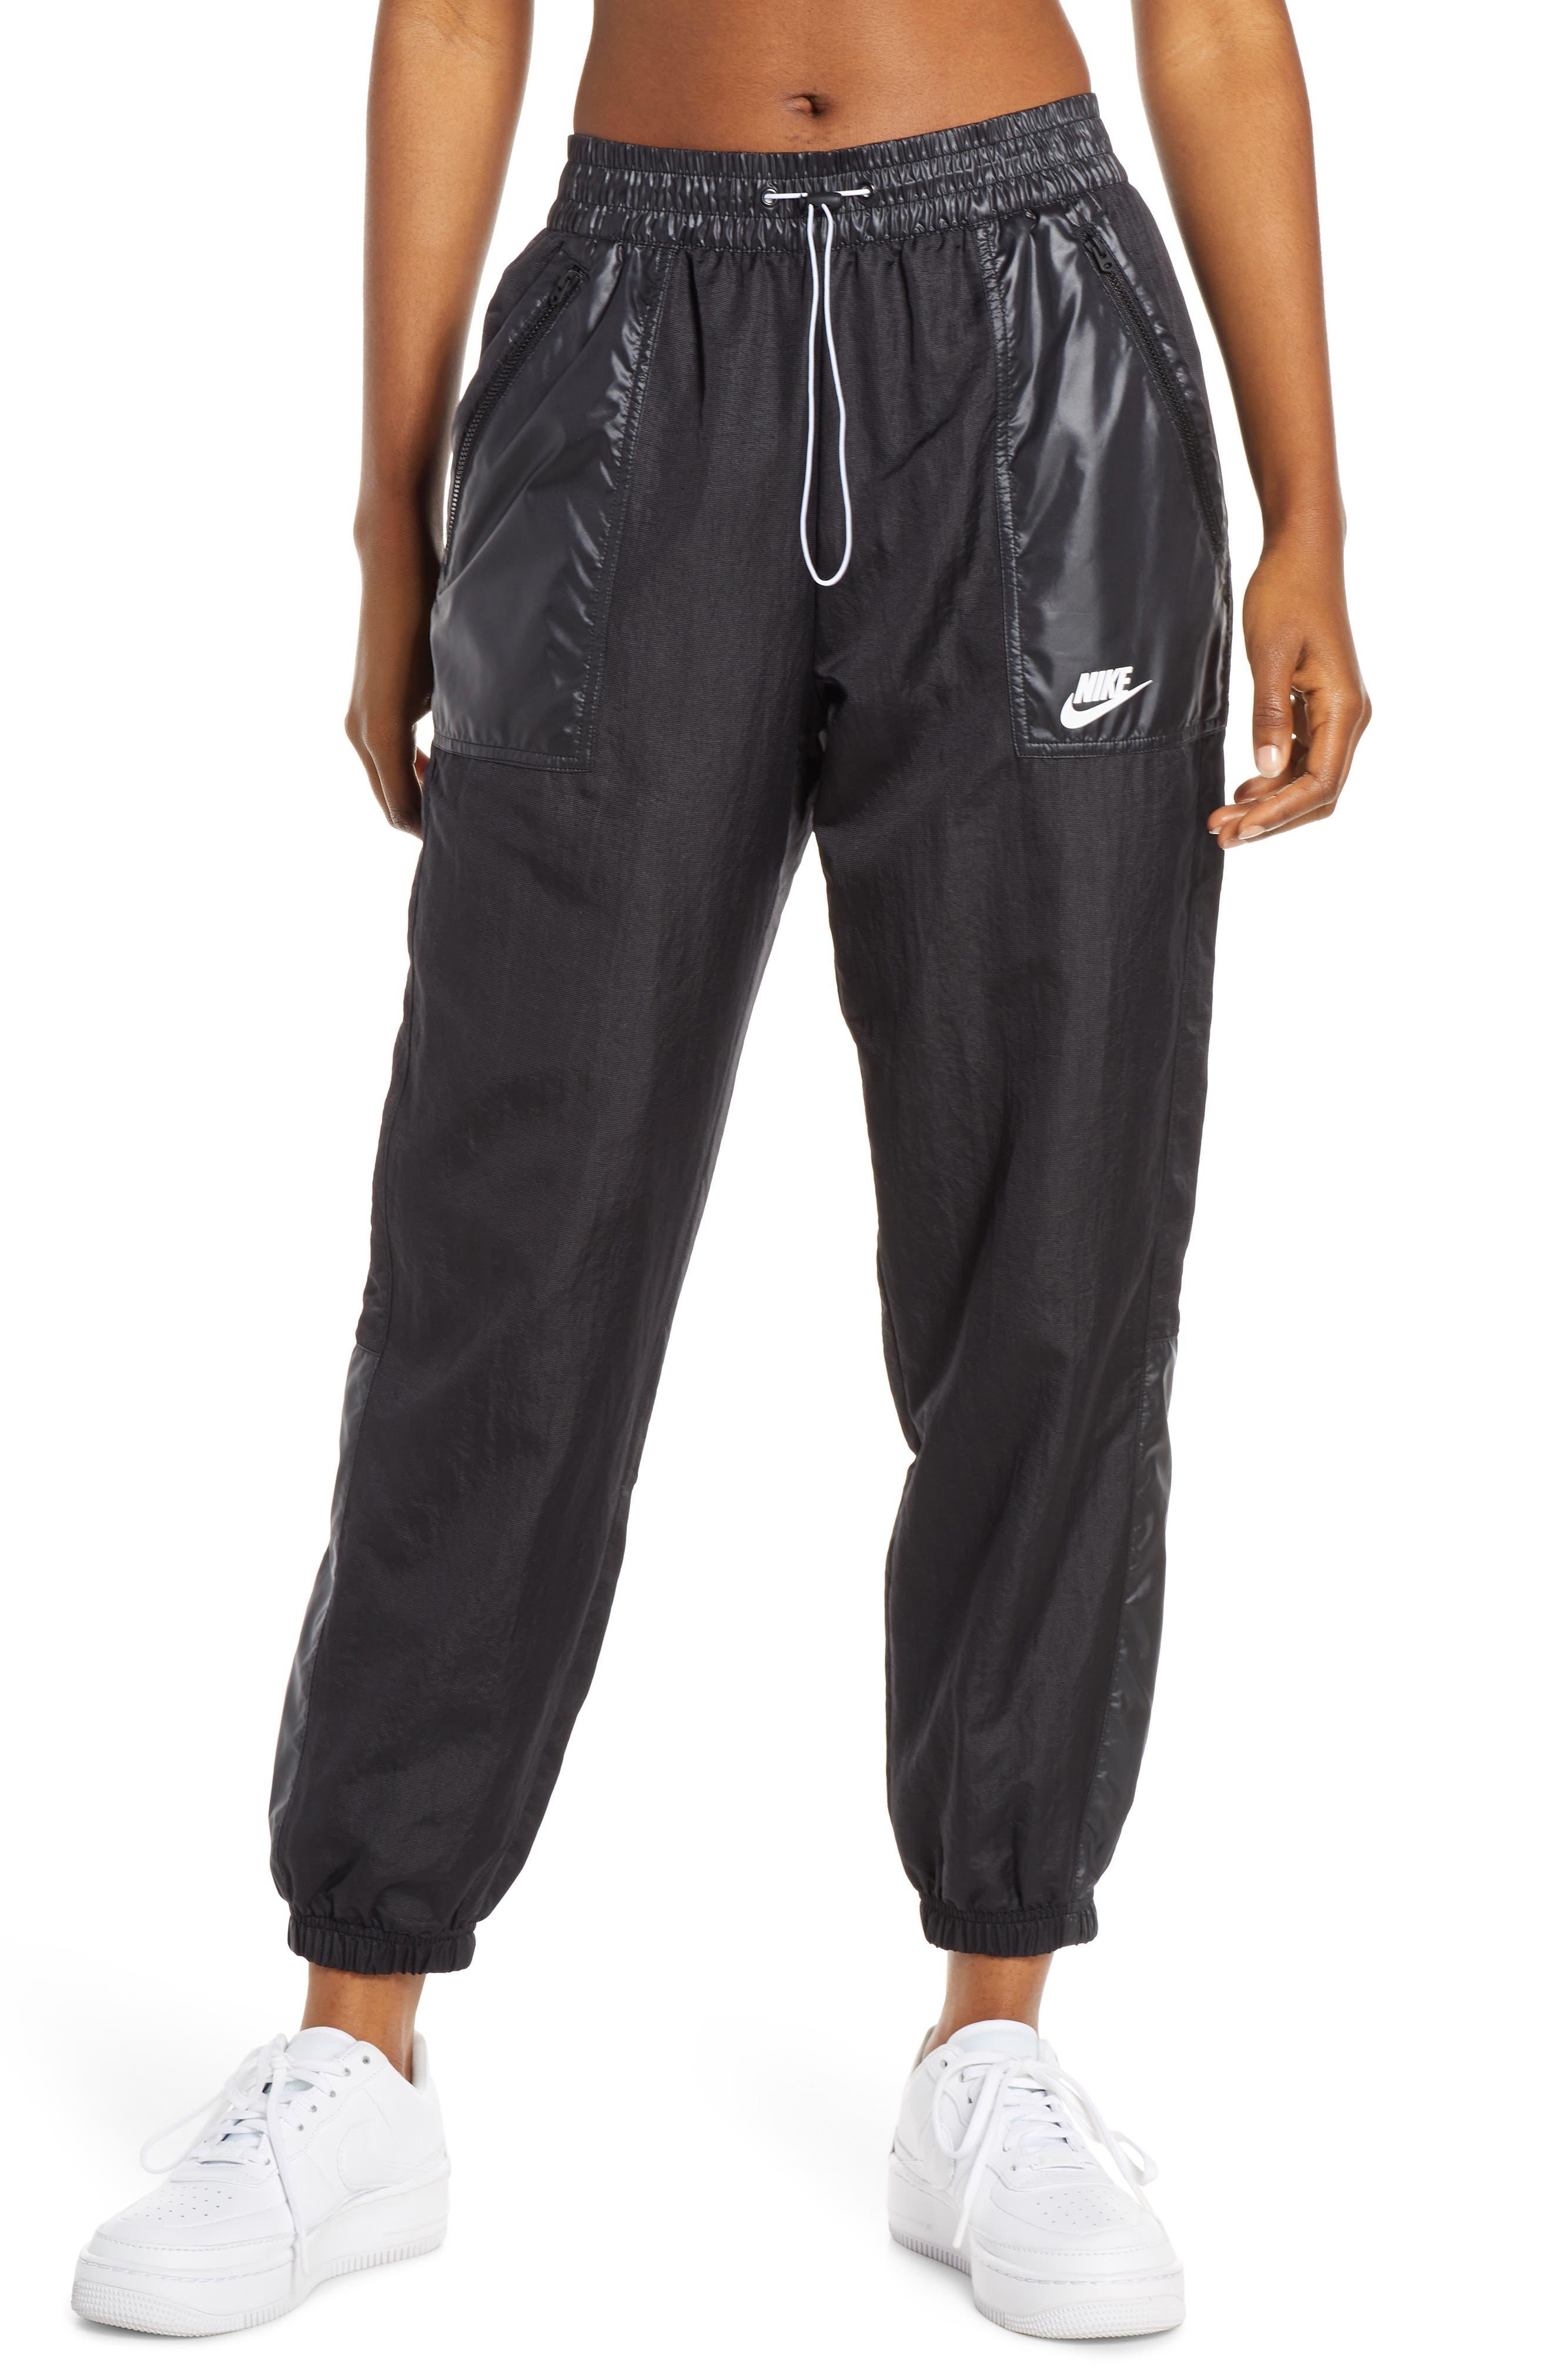 Nike Sportswear Woven Cargo Pants